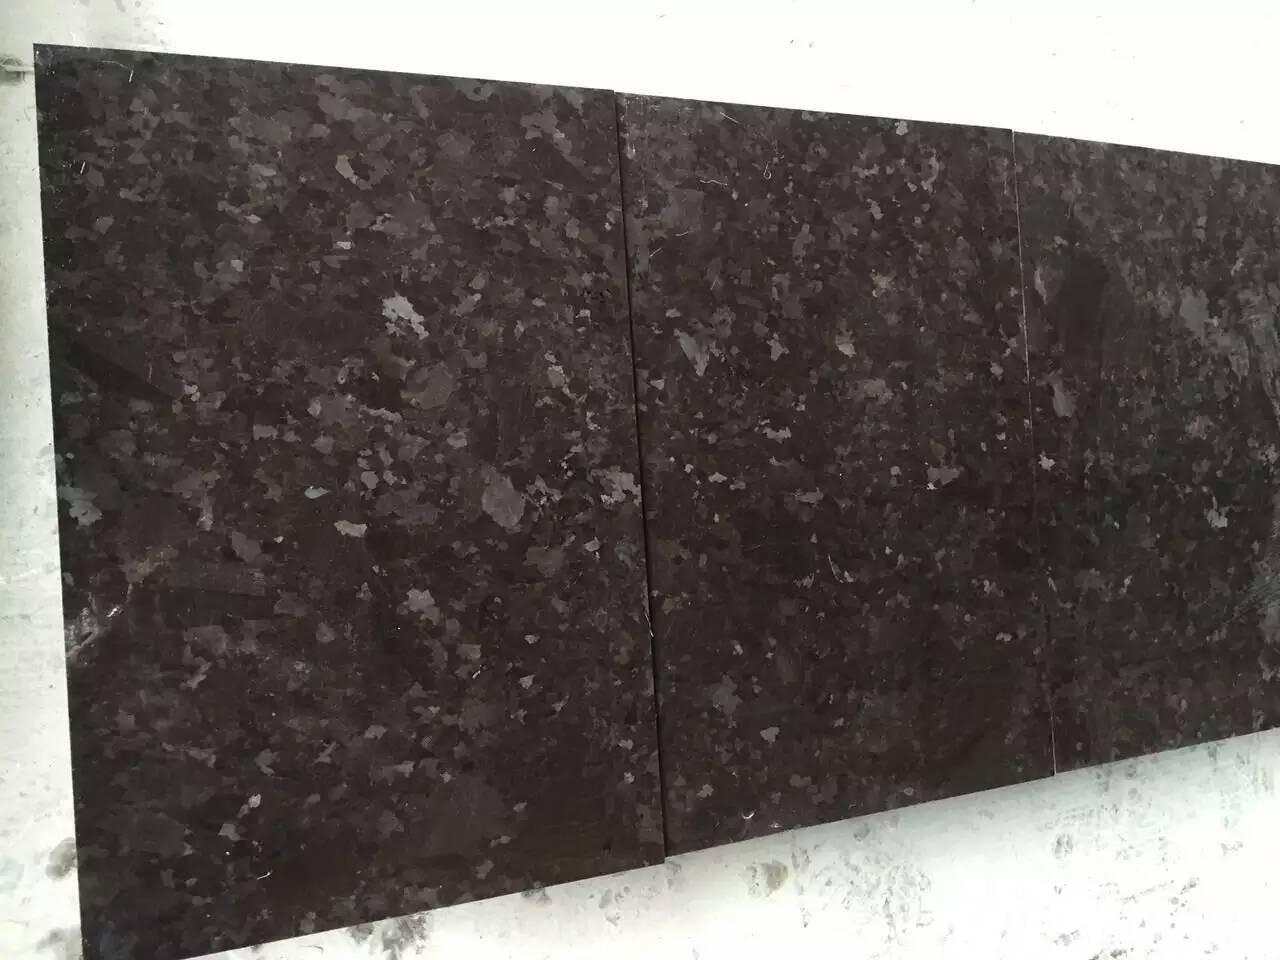 angola antique brown Granite countertops,worktops